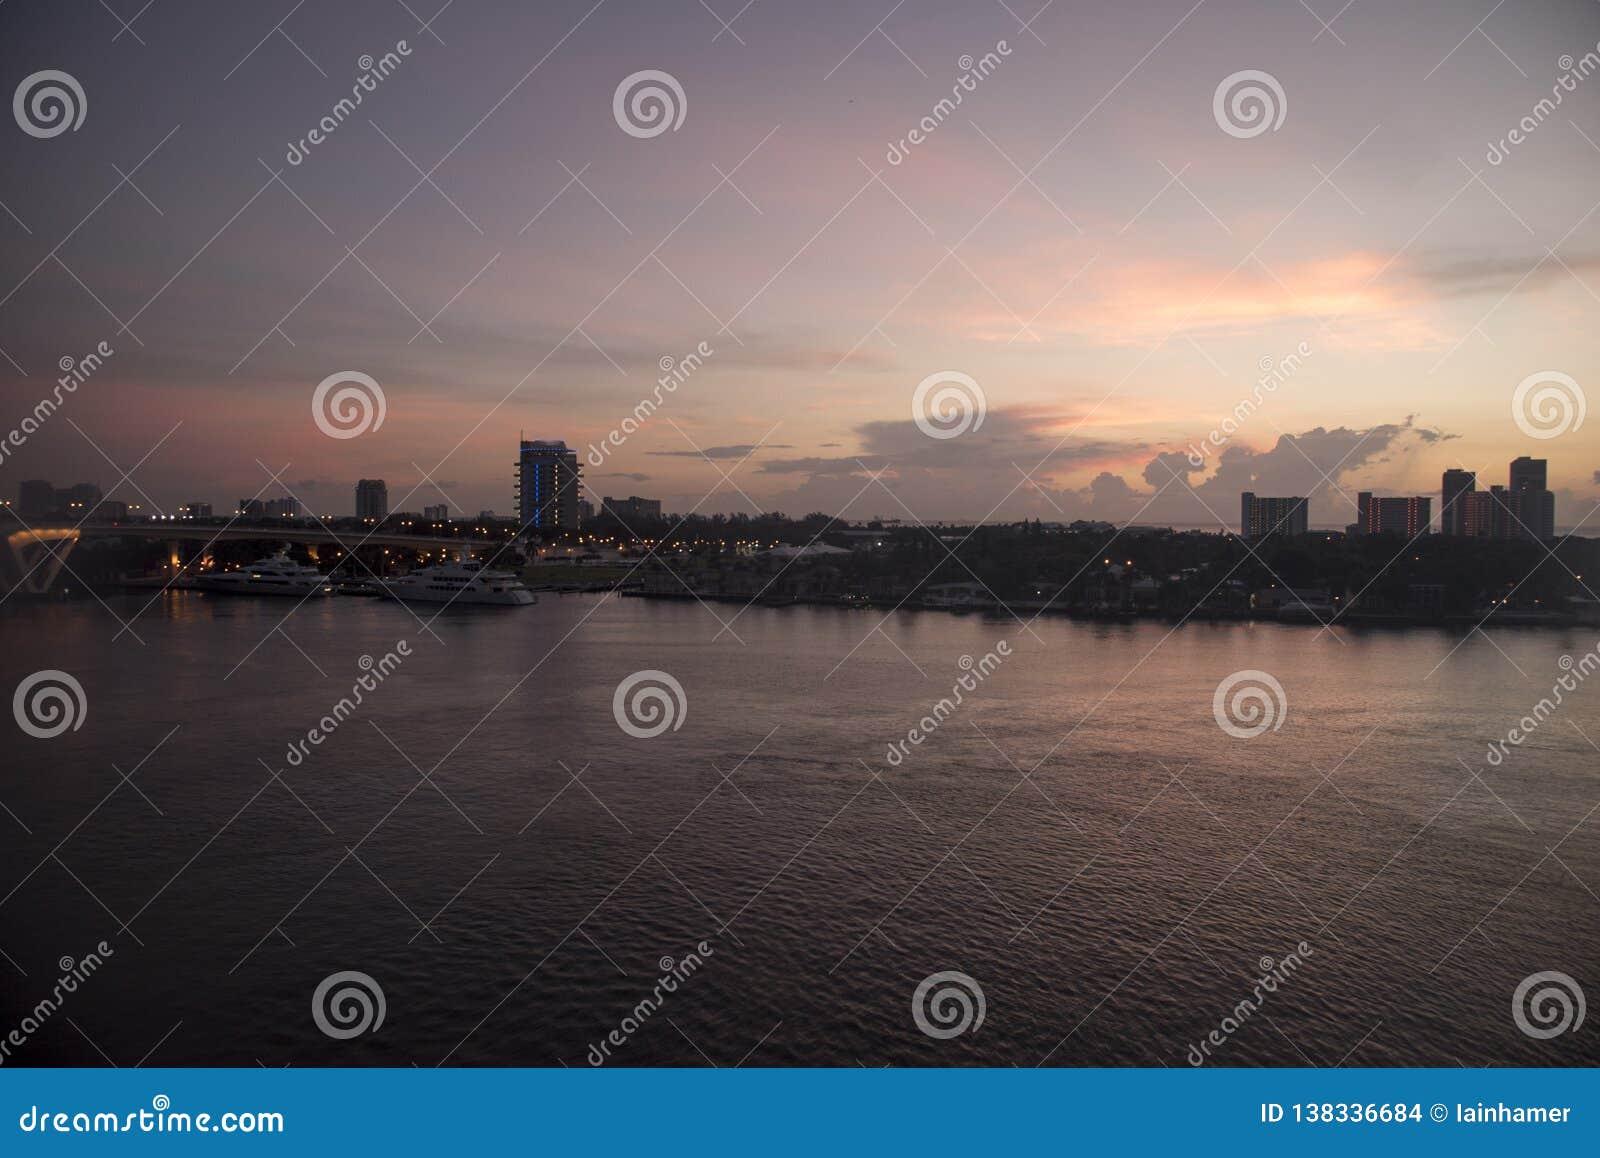 Salida del sol sobre el Fort Lauderdale portuario la Florida de los marismas